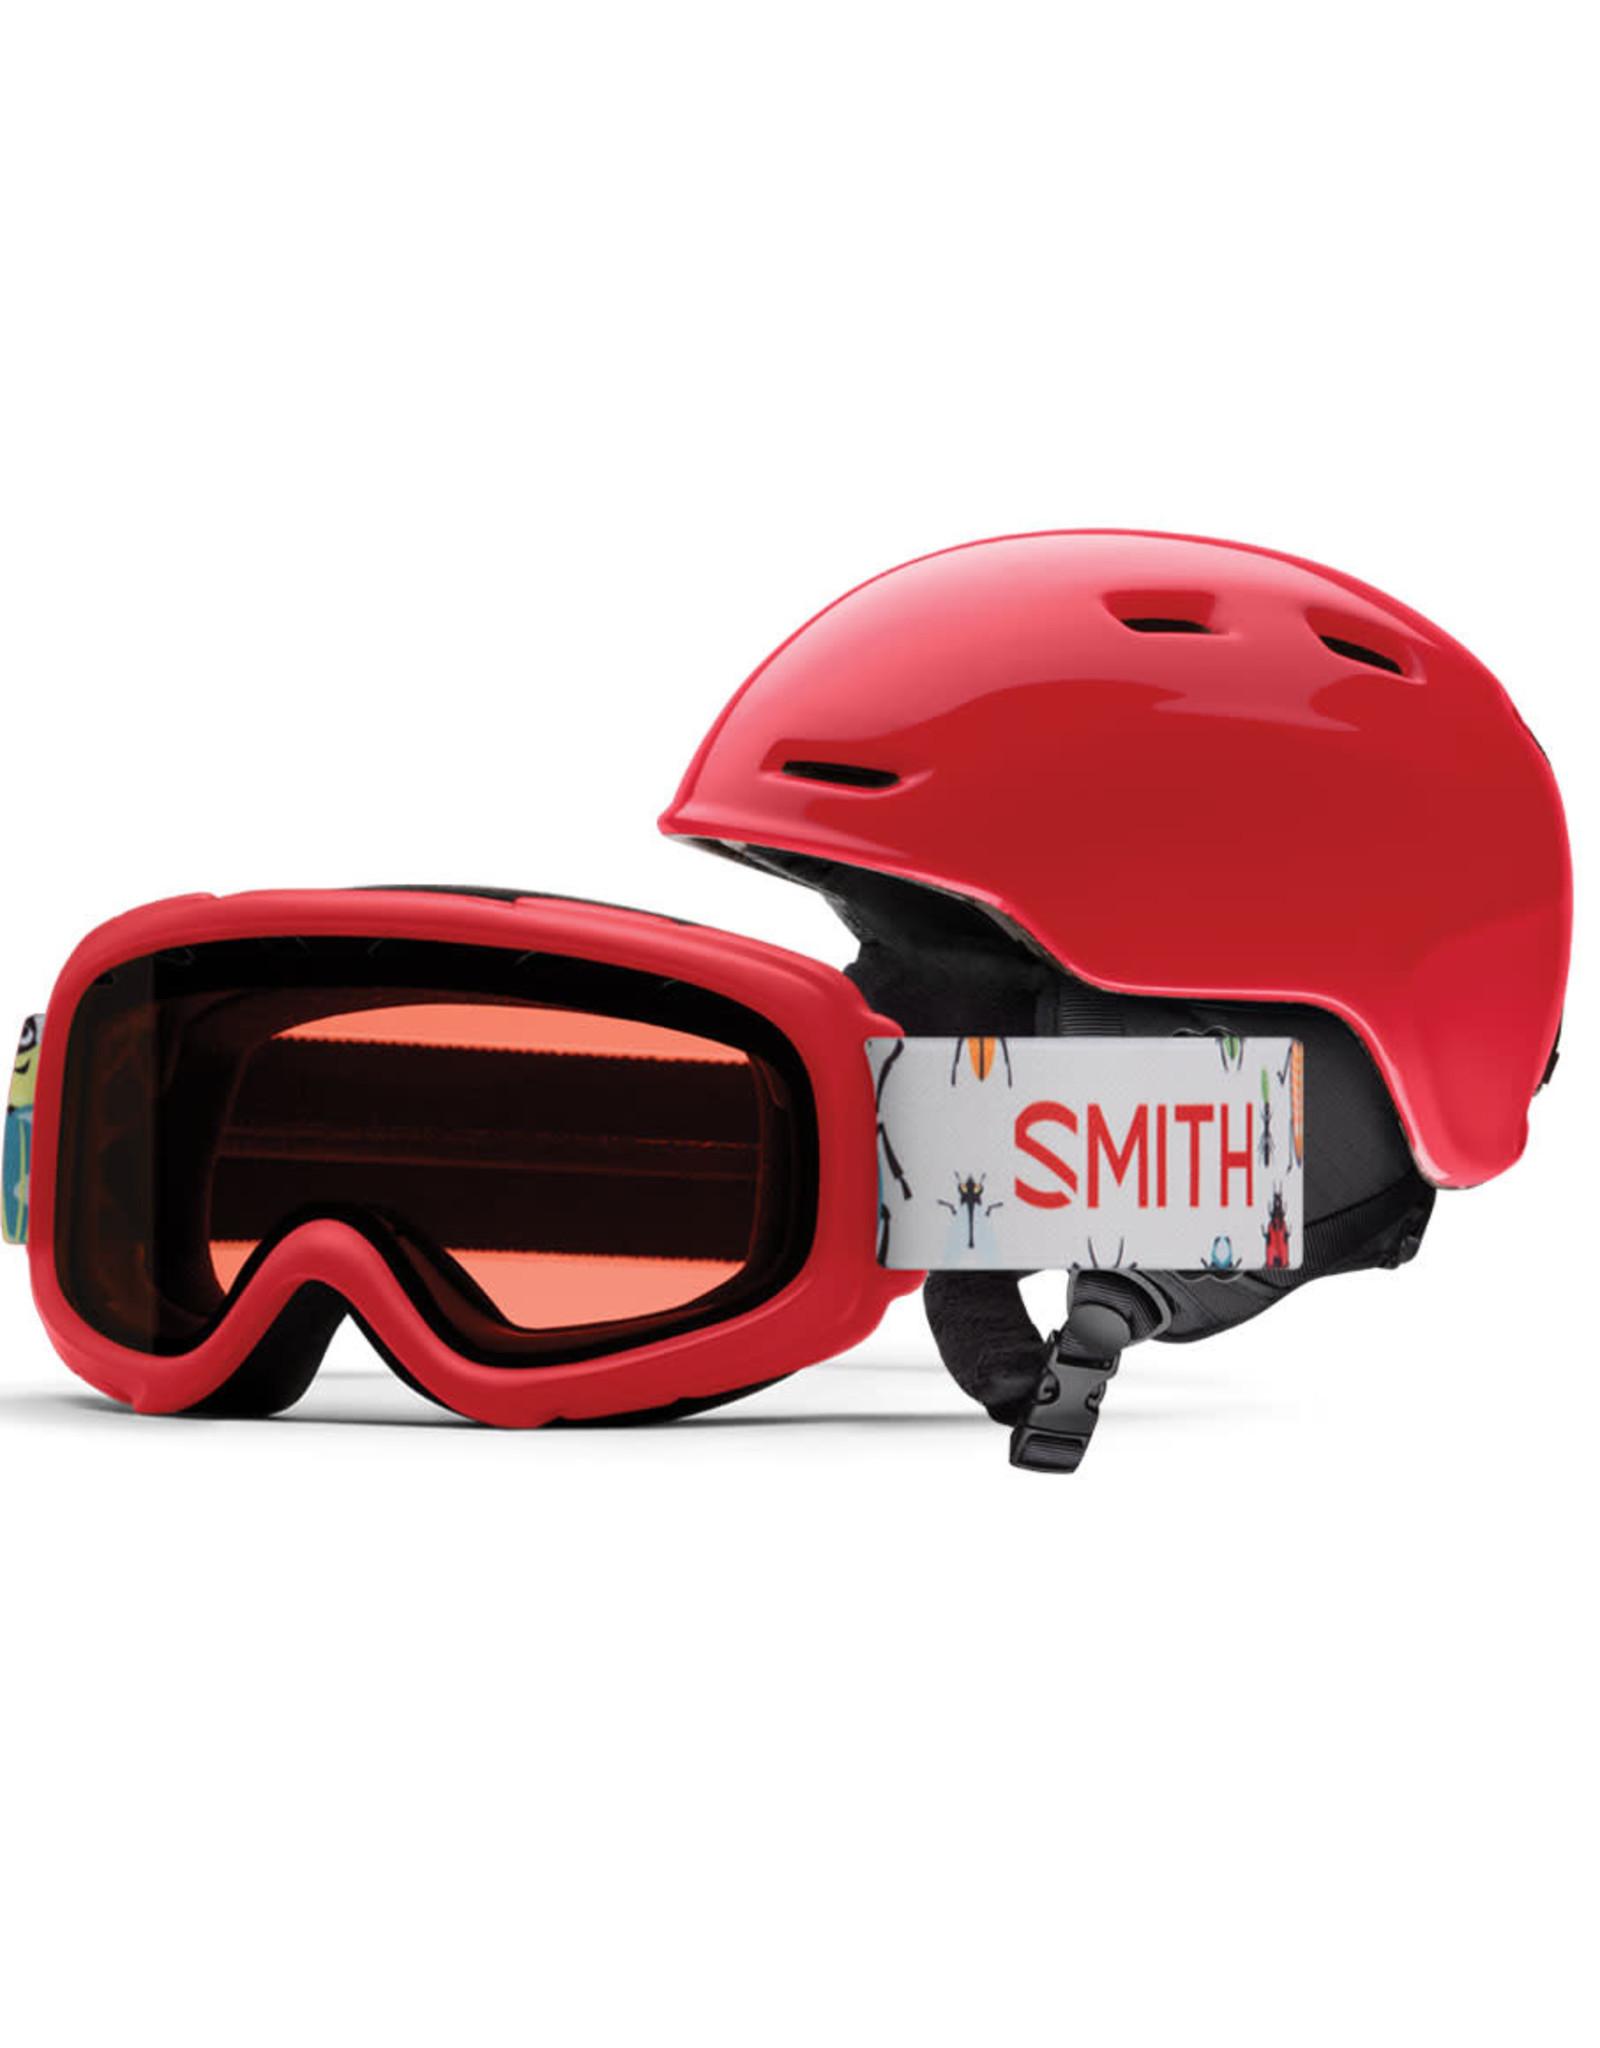 Smith SMITH ZOOM JR RASCAL COMBO LAVA 20 GOGGLE & HELMET